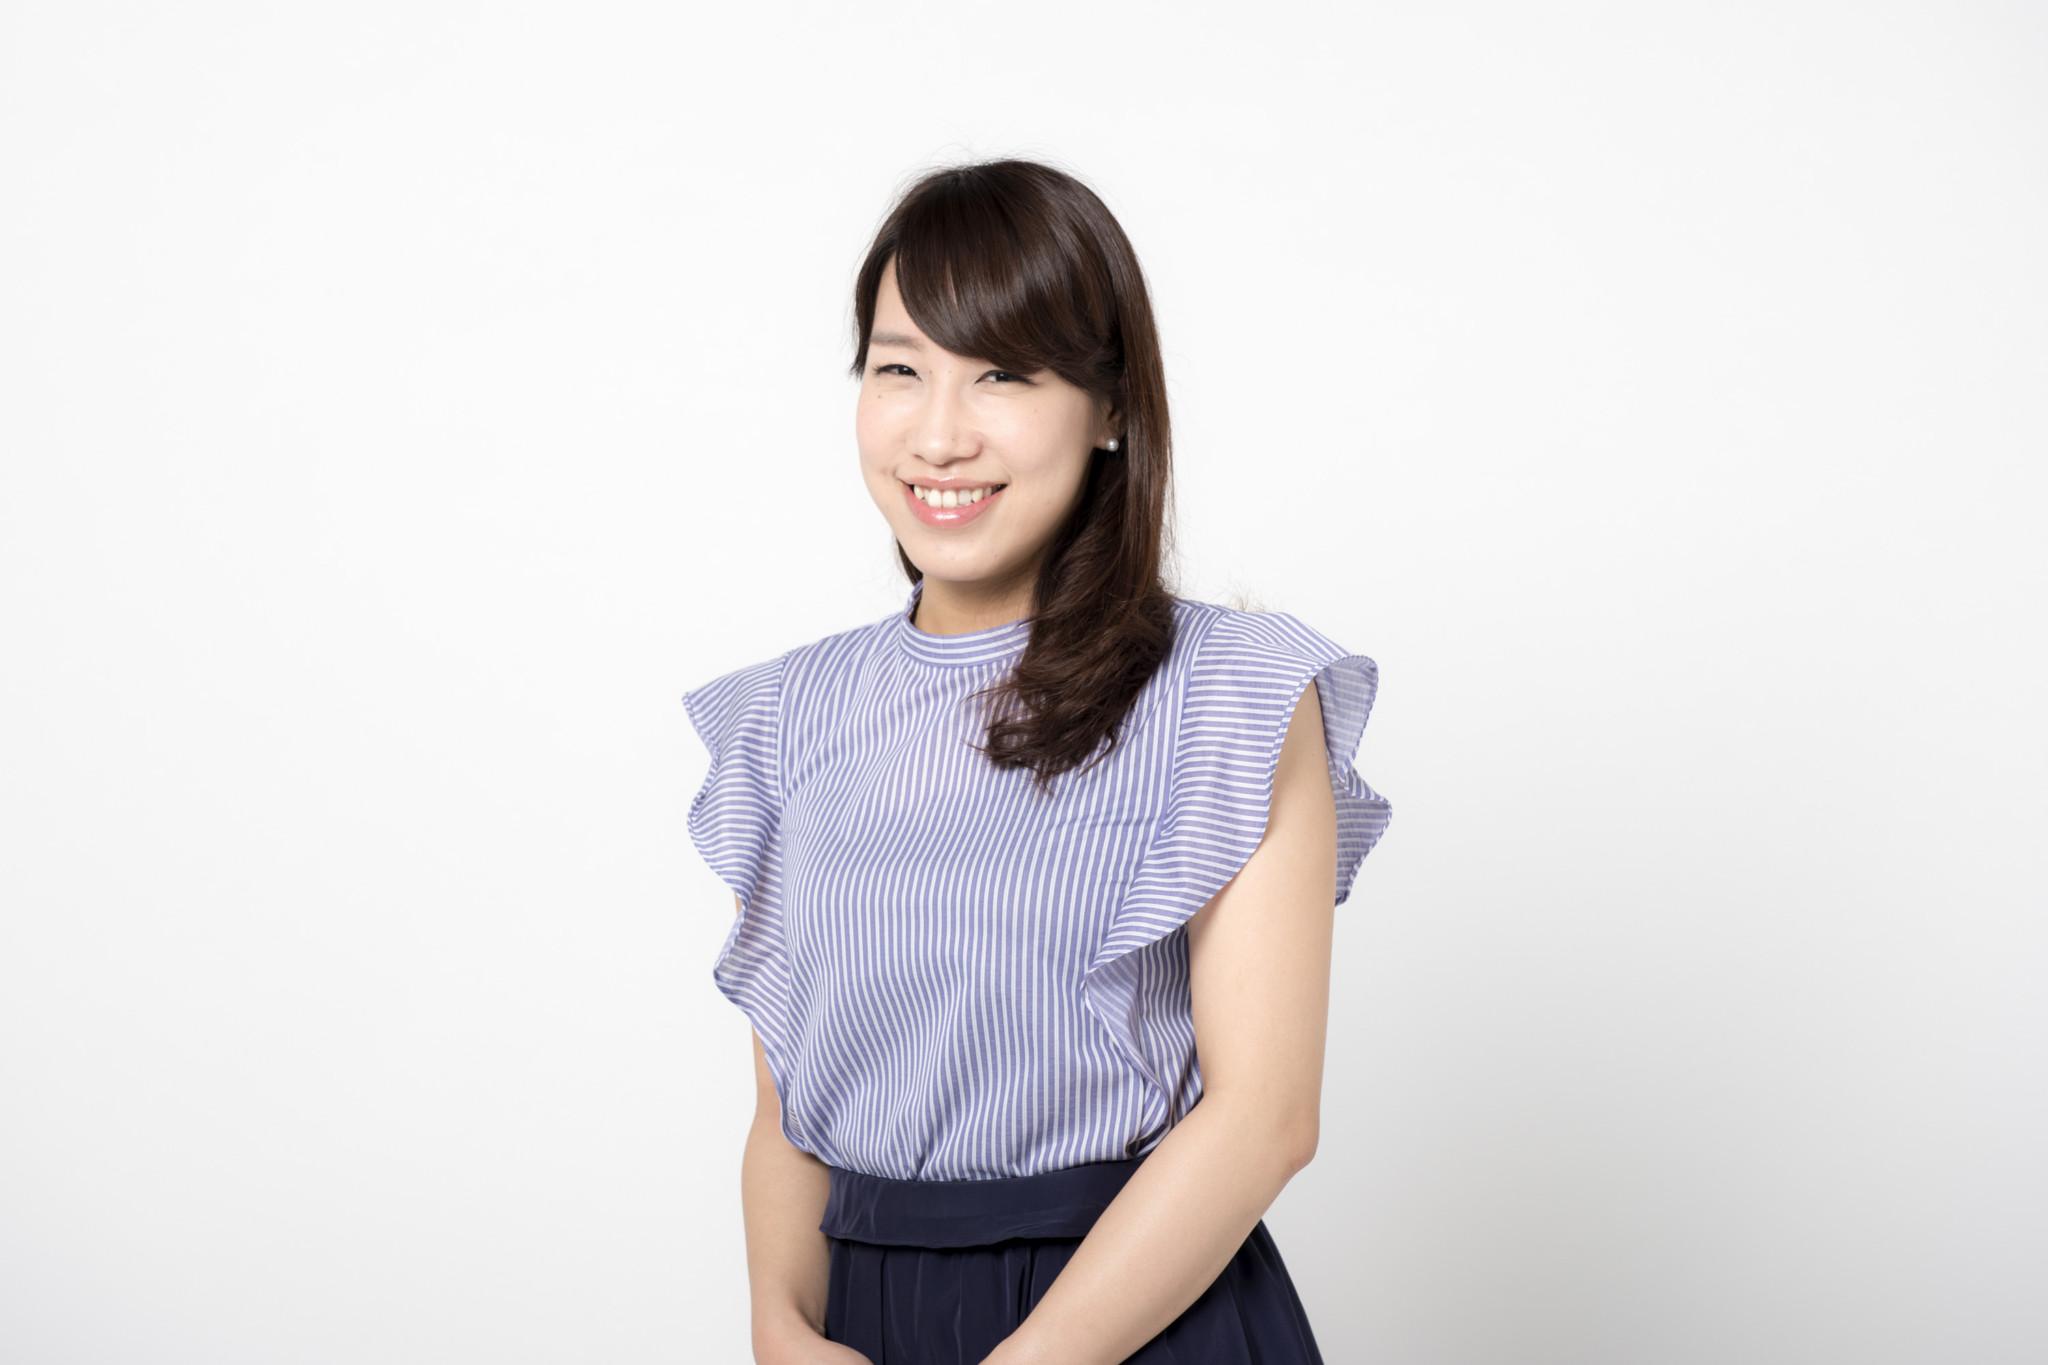 櫻井智絵さん(no.155)。30歳。